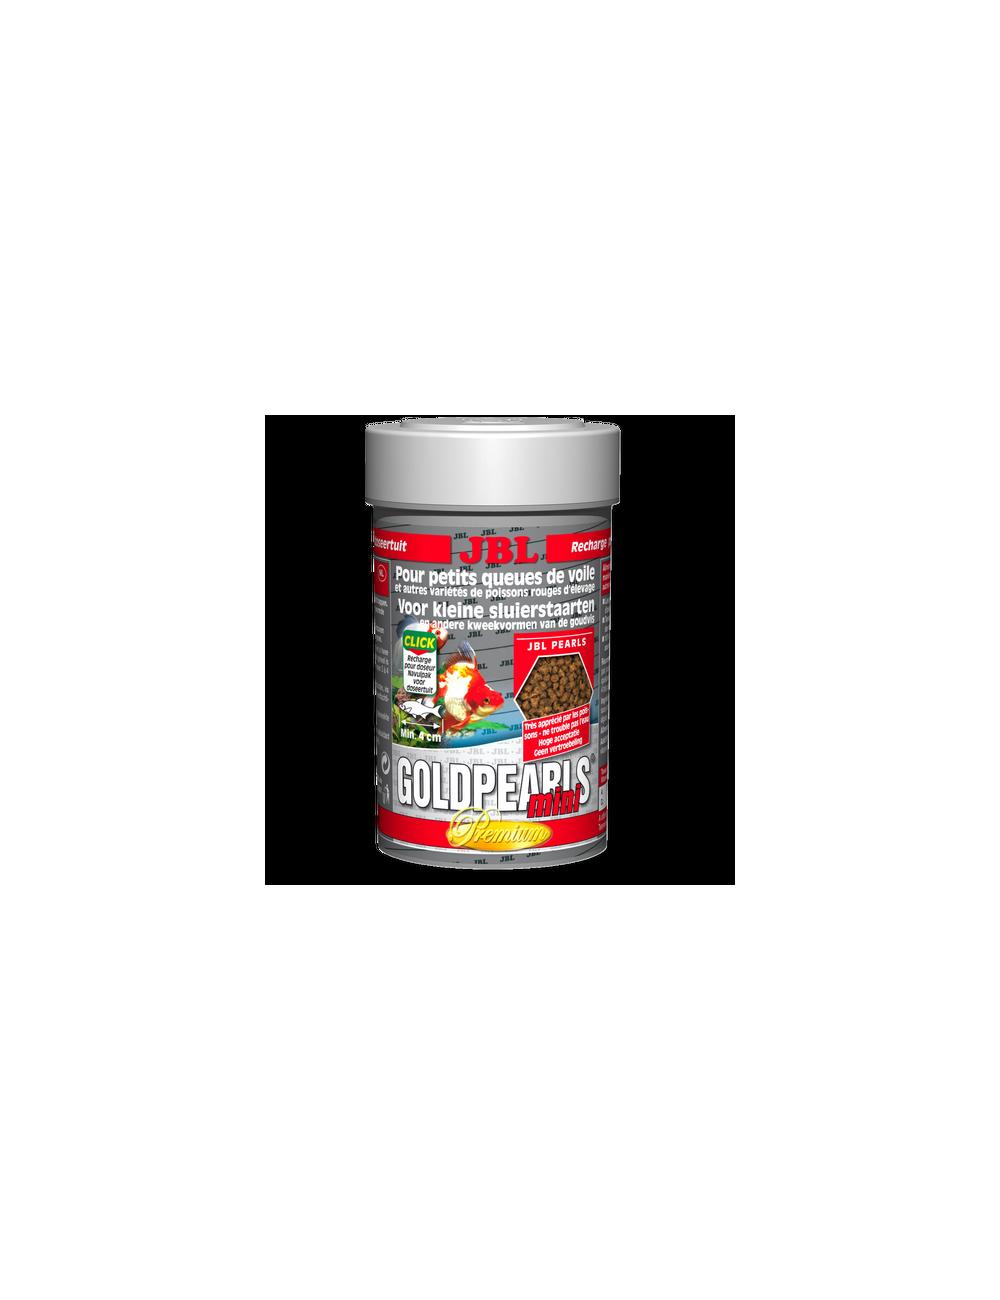 JBL - GoldPearls - 1 L - Aliment de base Premium en granulés pour Voiles de Chine